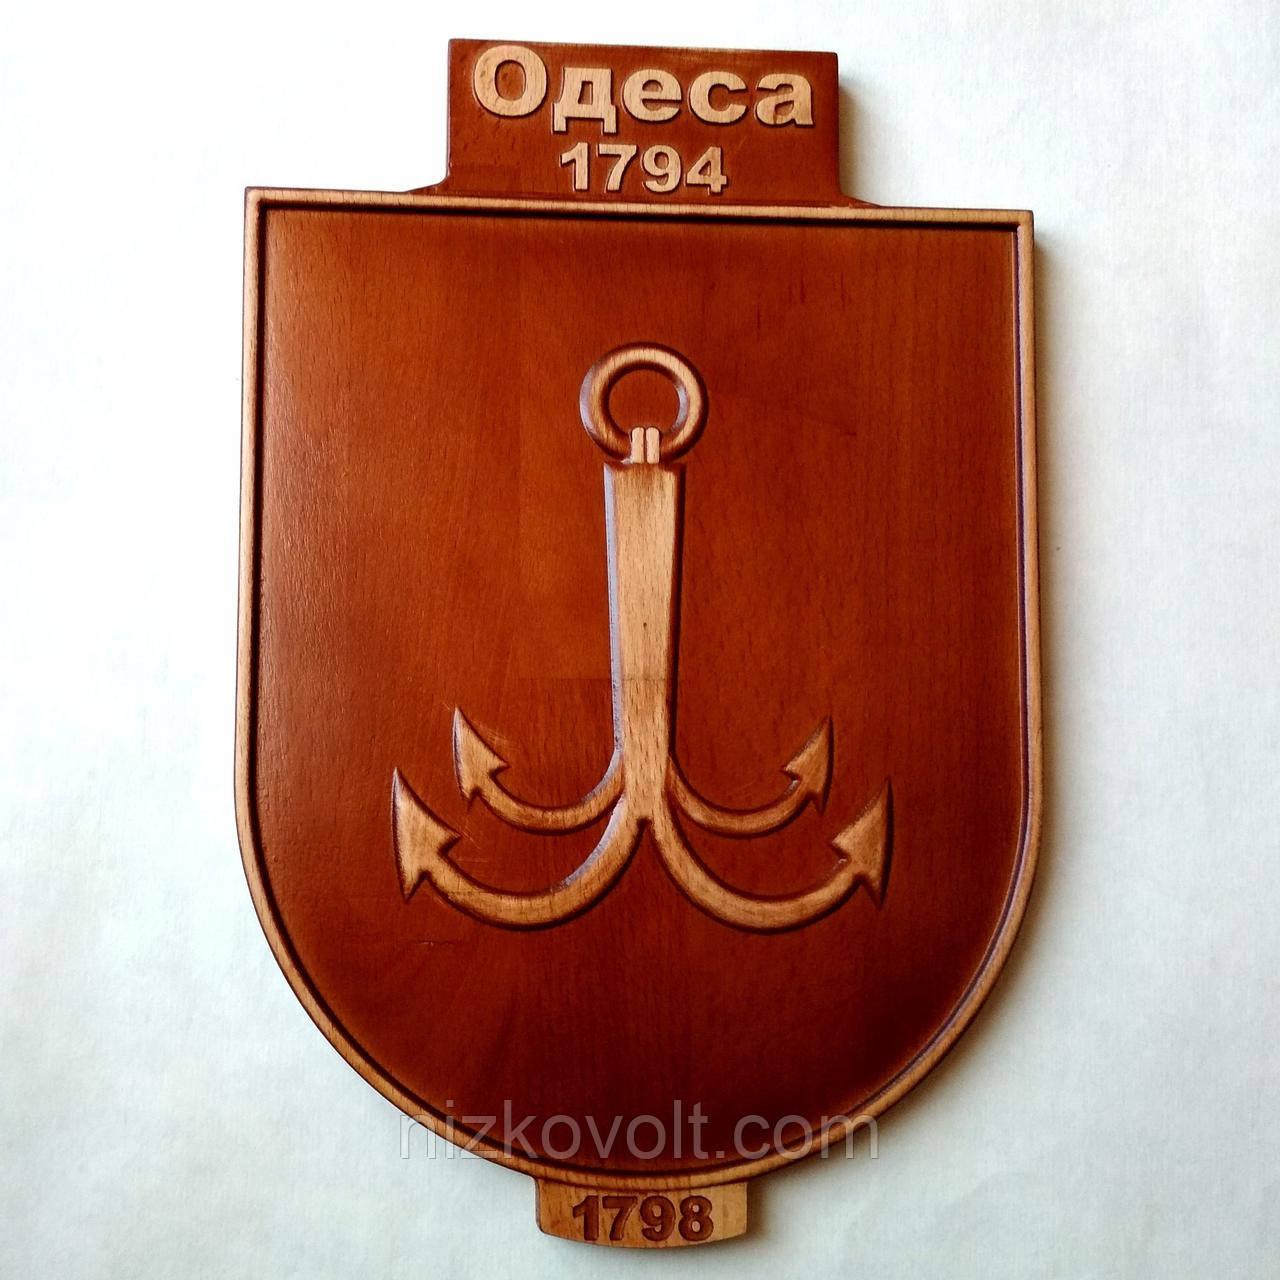 Резной герб Одессы 200х300х18 мм - резная символика, гербы из дерева